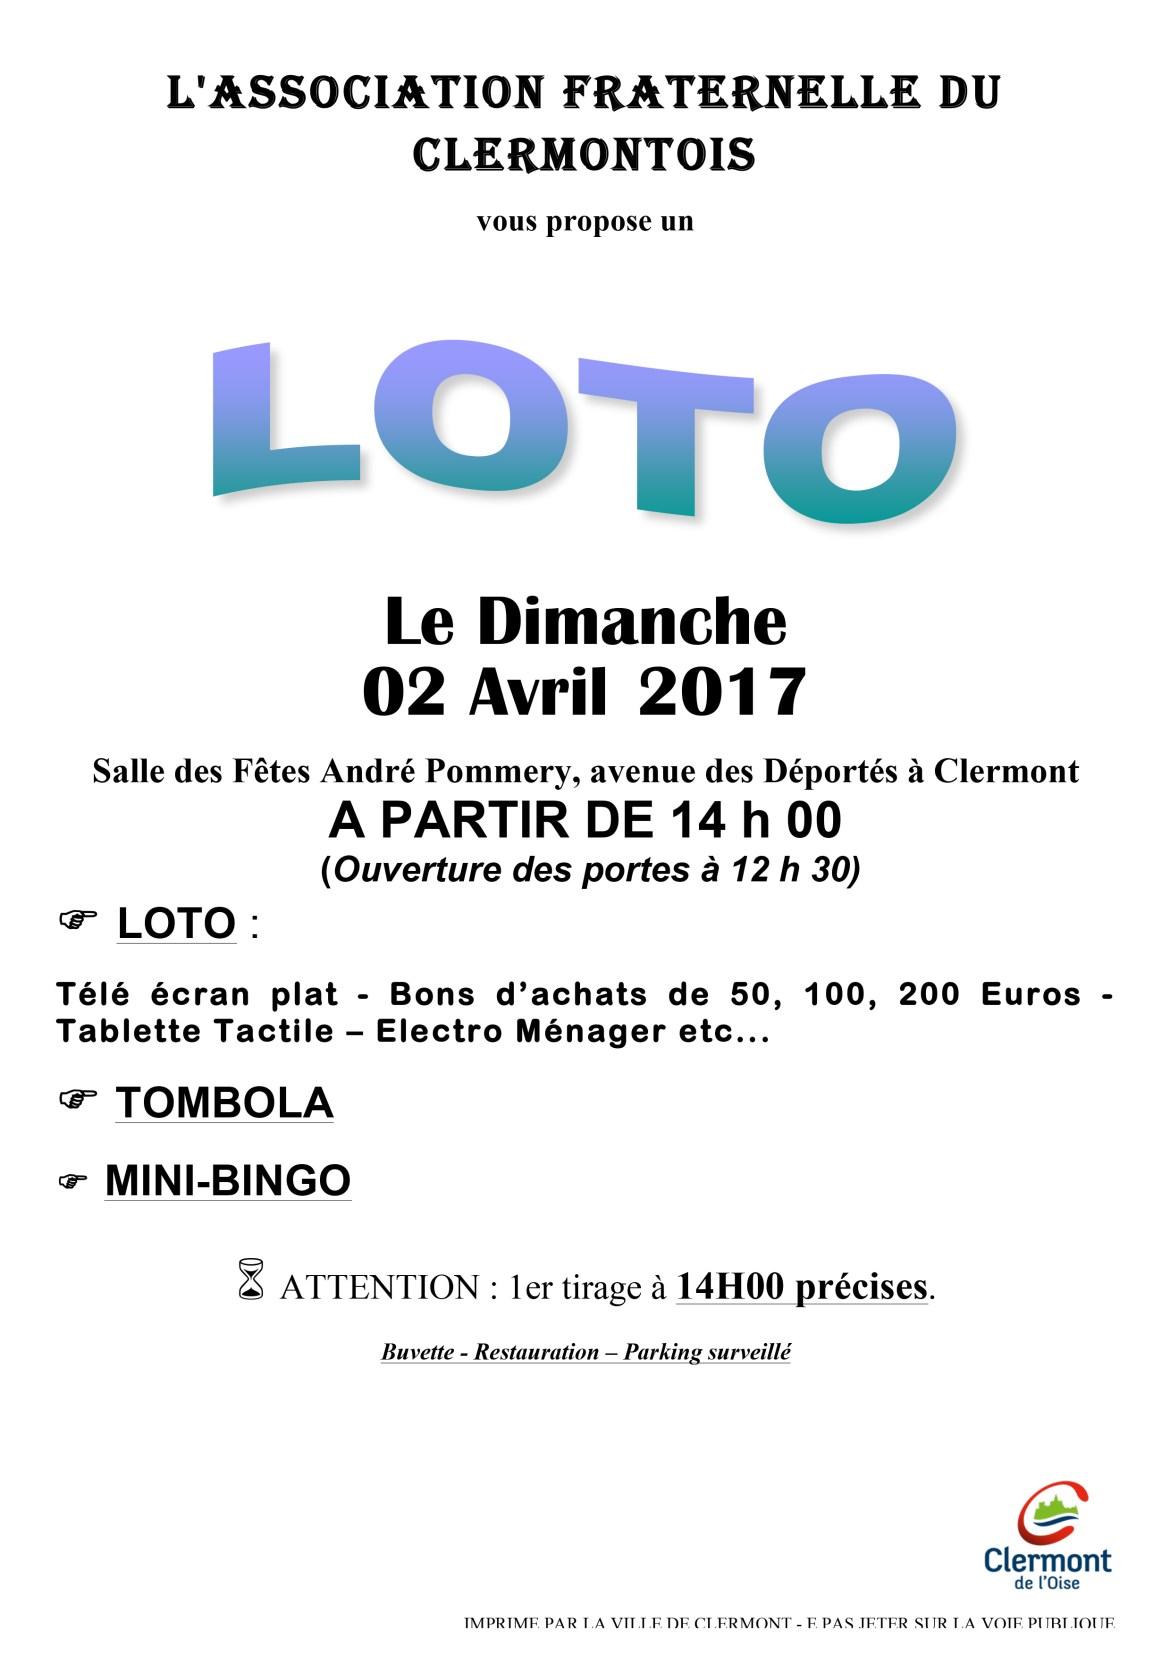 L'Association Fraternelle du Clermontois vous propose un Loto le dimanche 2 avril 2017, Salle des Fêtes André Pommery, avenue des Déportés à Clermont, à partir de 14h (Ouverture des portes à 12h30).